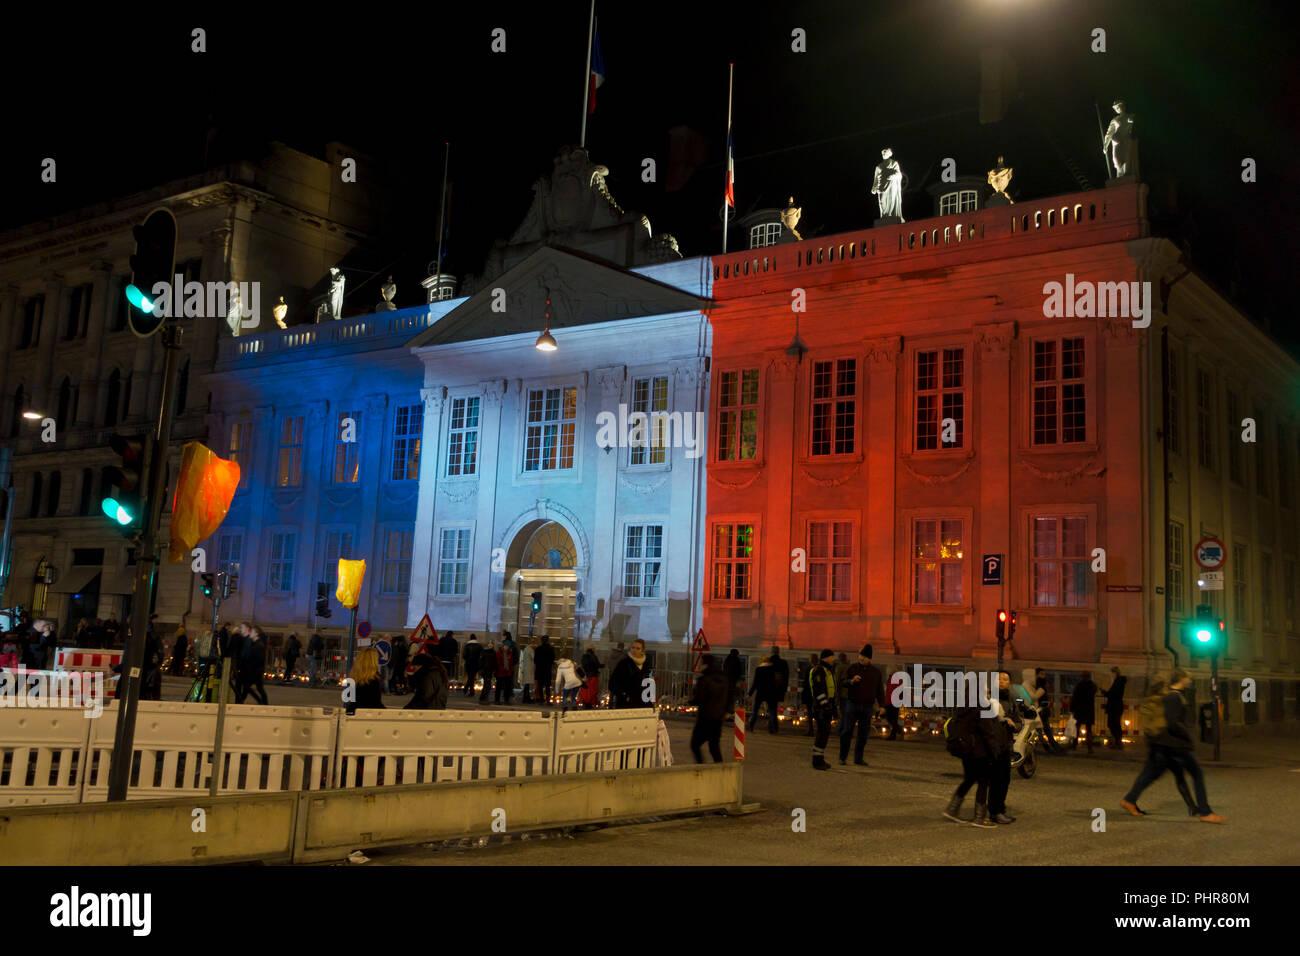 Copenhague, Danemark, 15 novembre, 2015. Des milliers de personnes à Copenhague montrent leur solidarité et sympathie avec le peuple français à l'extérieur de l'Ambassade de France à Copenhague après les attentats terroristes de vendredi dernier à Paris. L'énorme quantité de fleurs et messages pousse encore ce dimanche soir. Kongens Nytorv à Copenhague est éclairé par les couleurs du Tricolore Français projetée sur le bâtiment de l'ambassade française bondé encore après une journée de manifestations officielles et des actions spontanées de sympathie et de solidarité. Banque D'Images